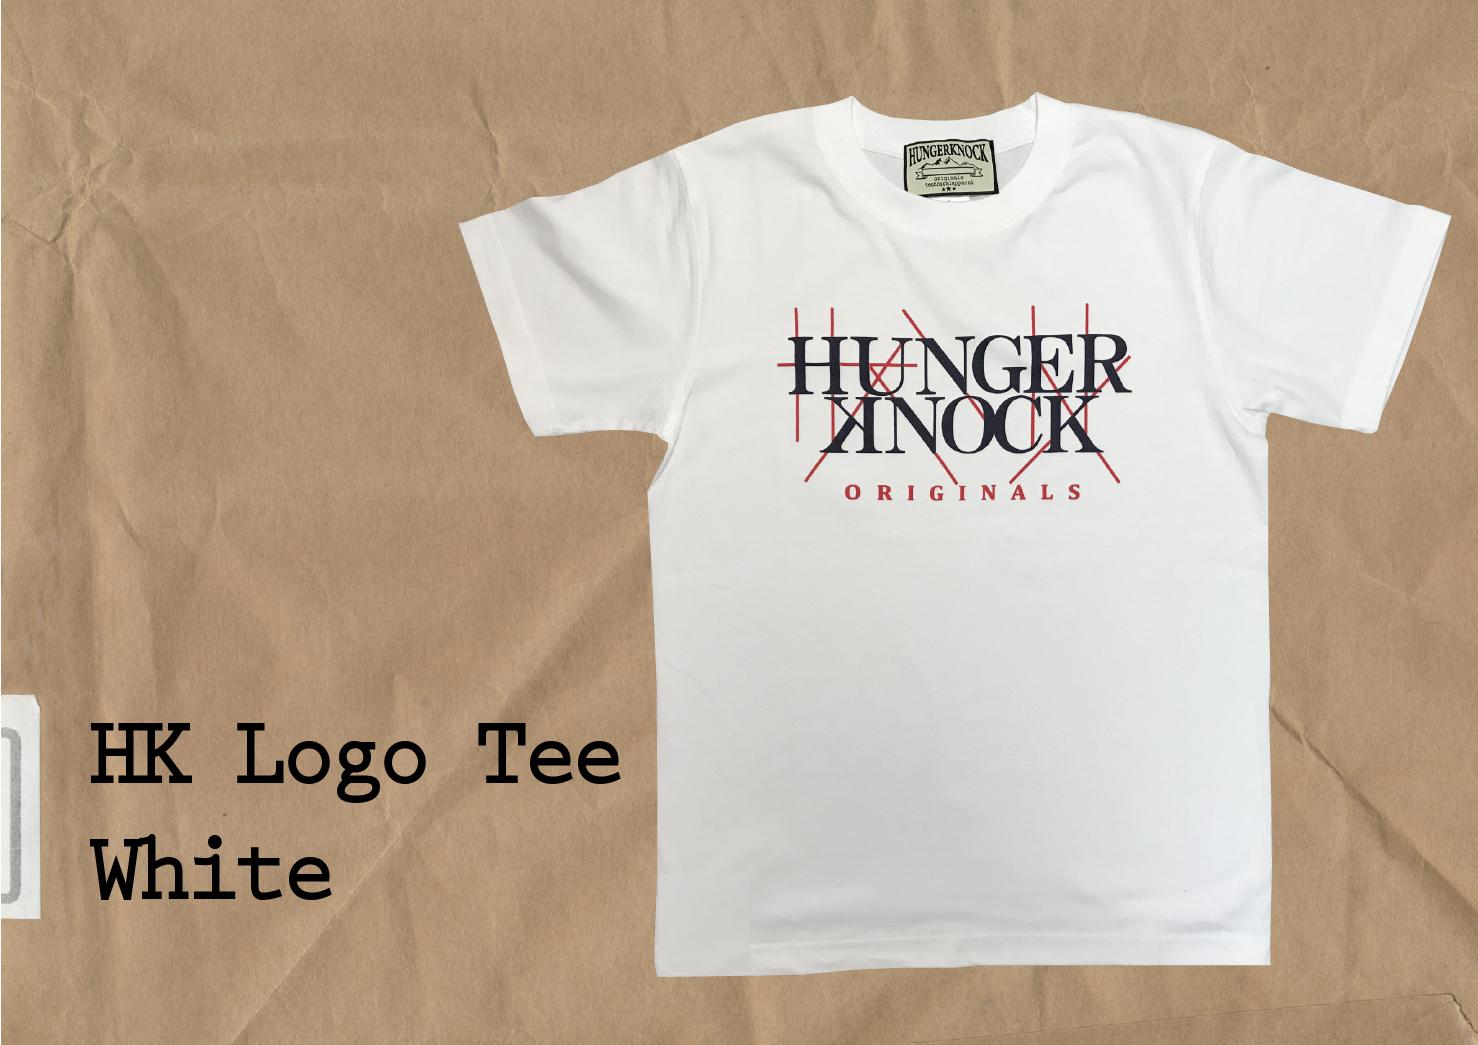 HK Logo Tee / White